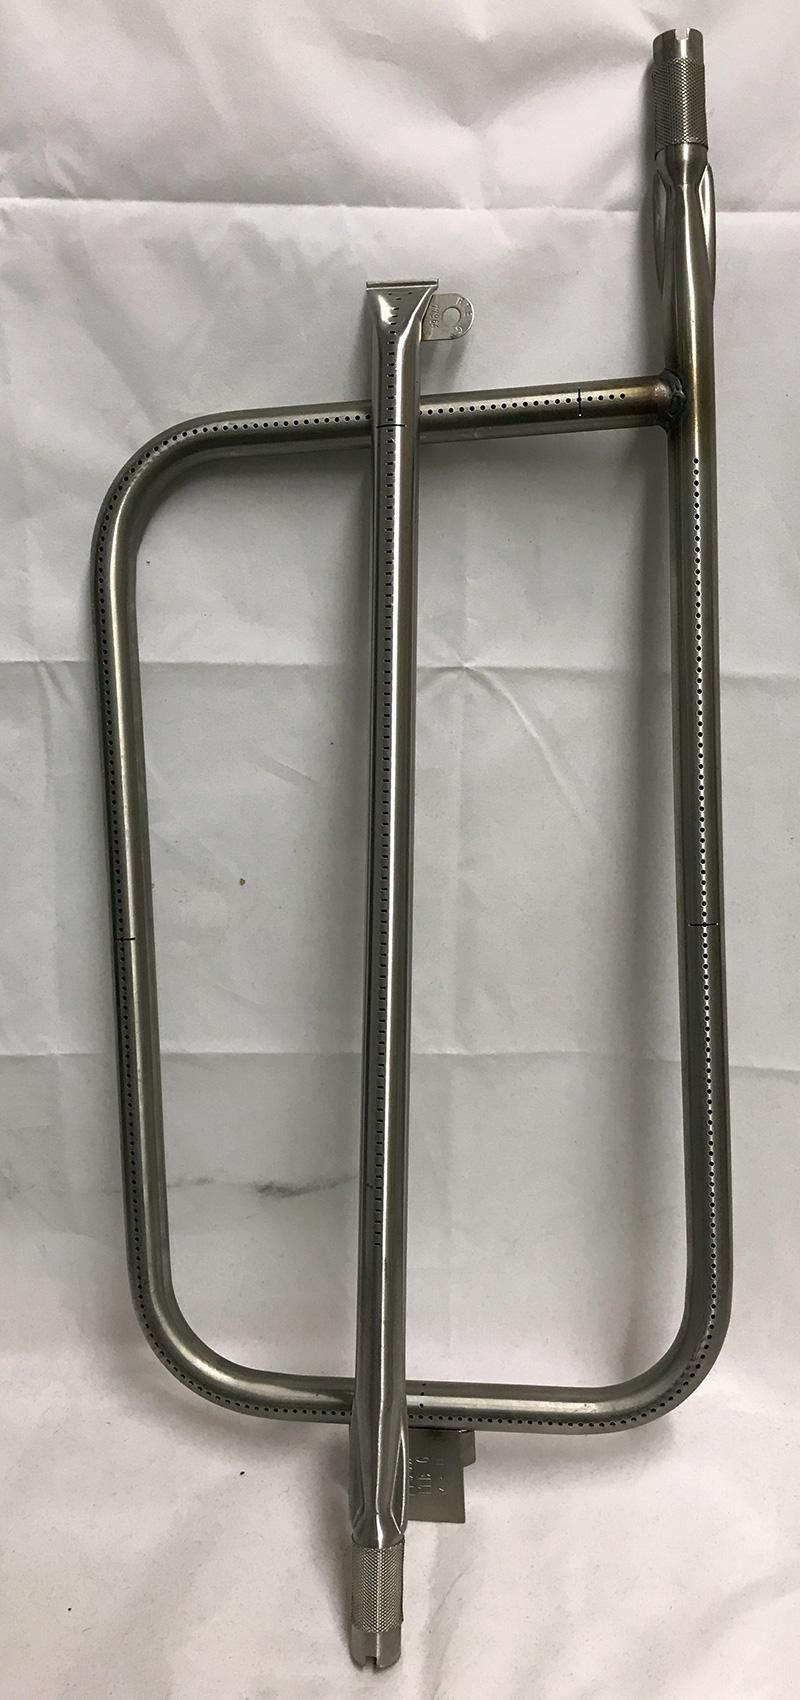 Weber Brennersatz Q 300 / 3000 / 320 / 3200